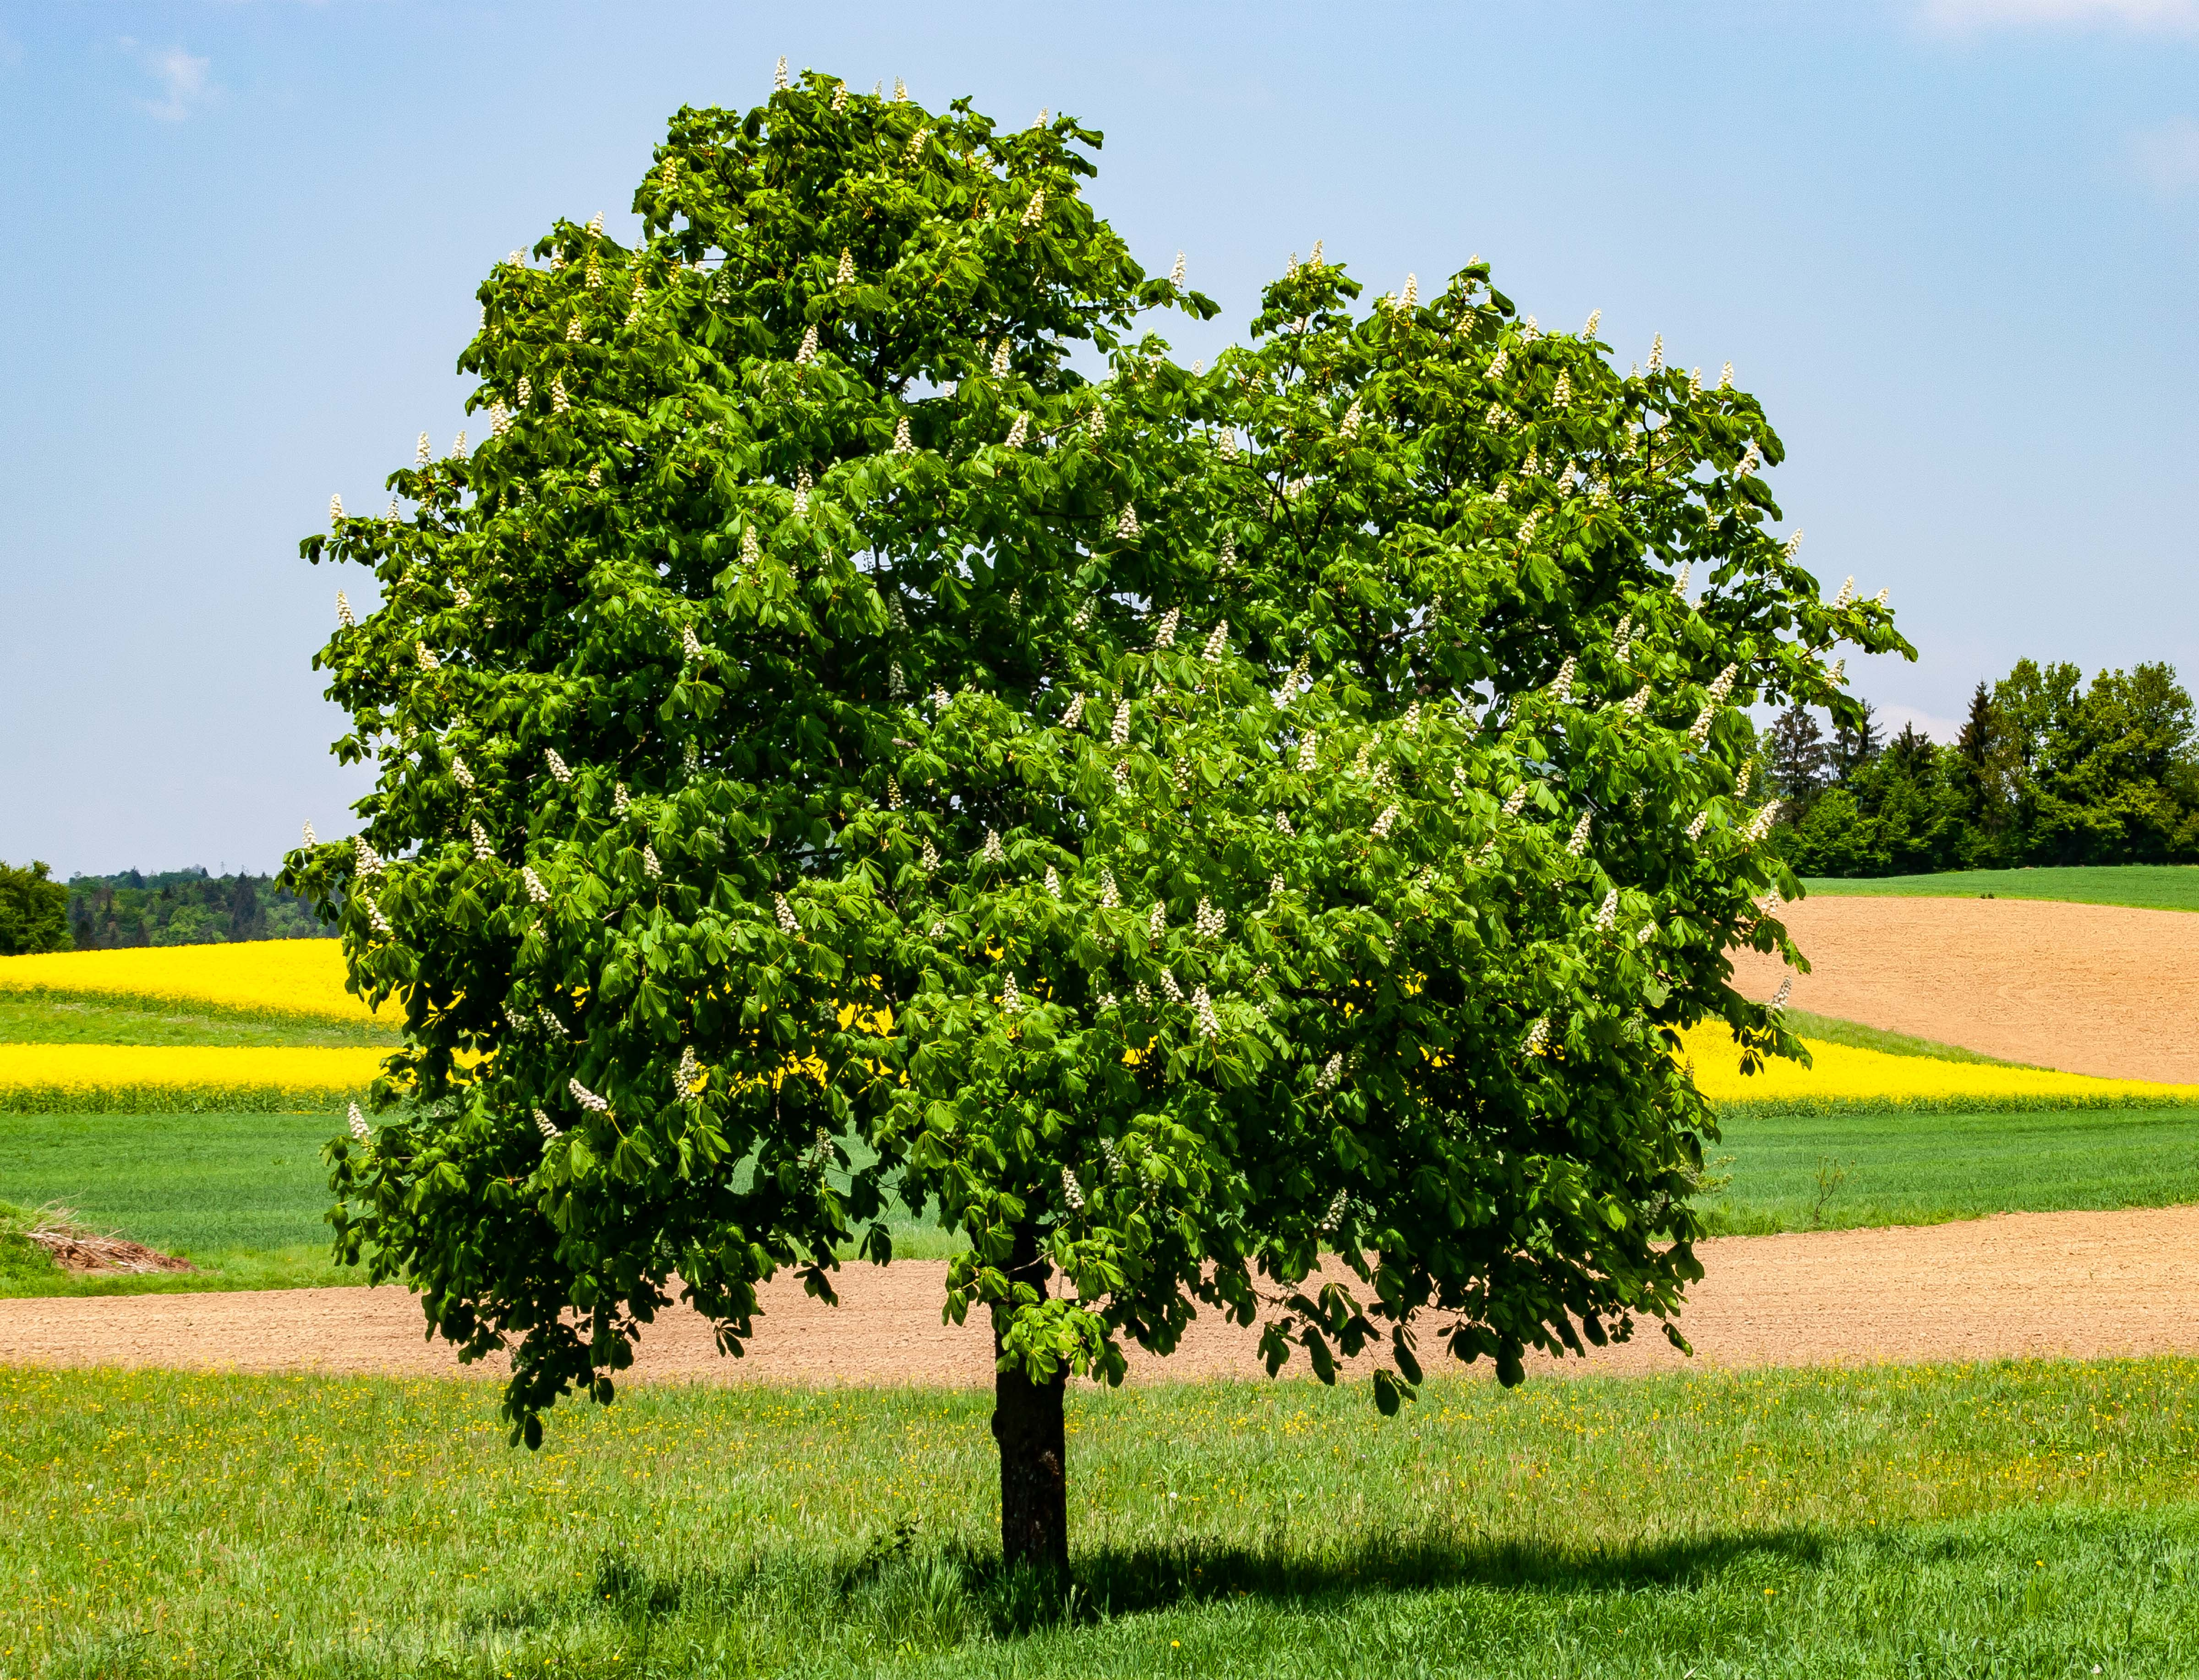 Slovenia, Grosuplje Prov, Tree, 2006, IMG 5738